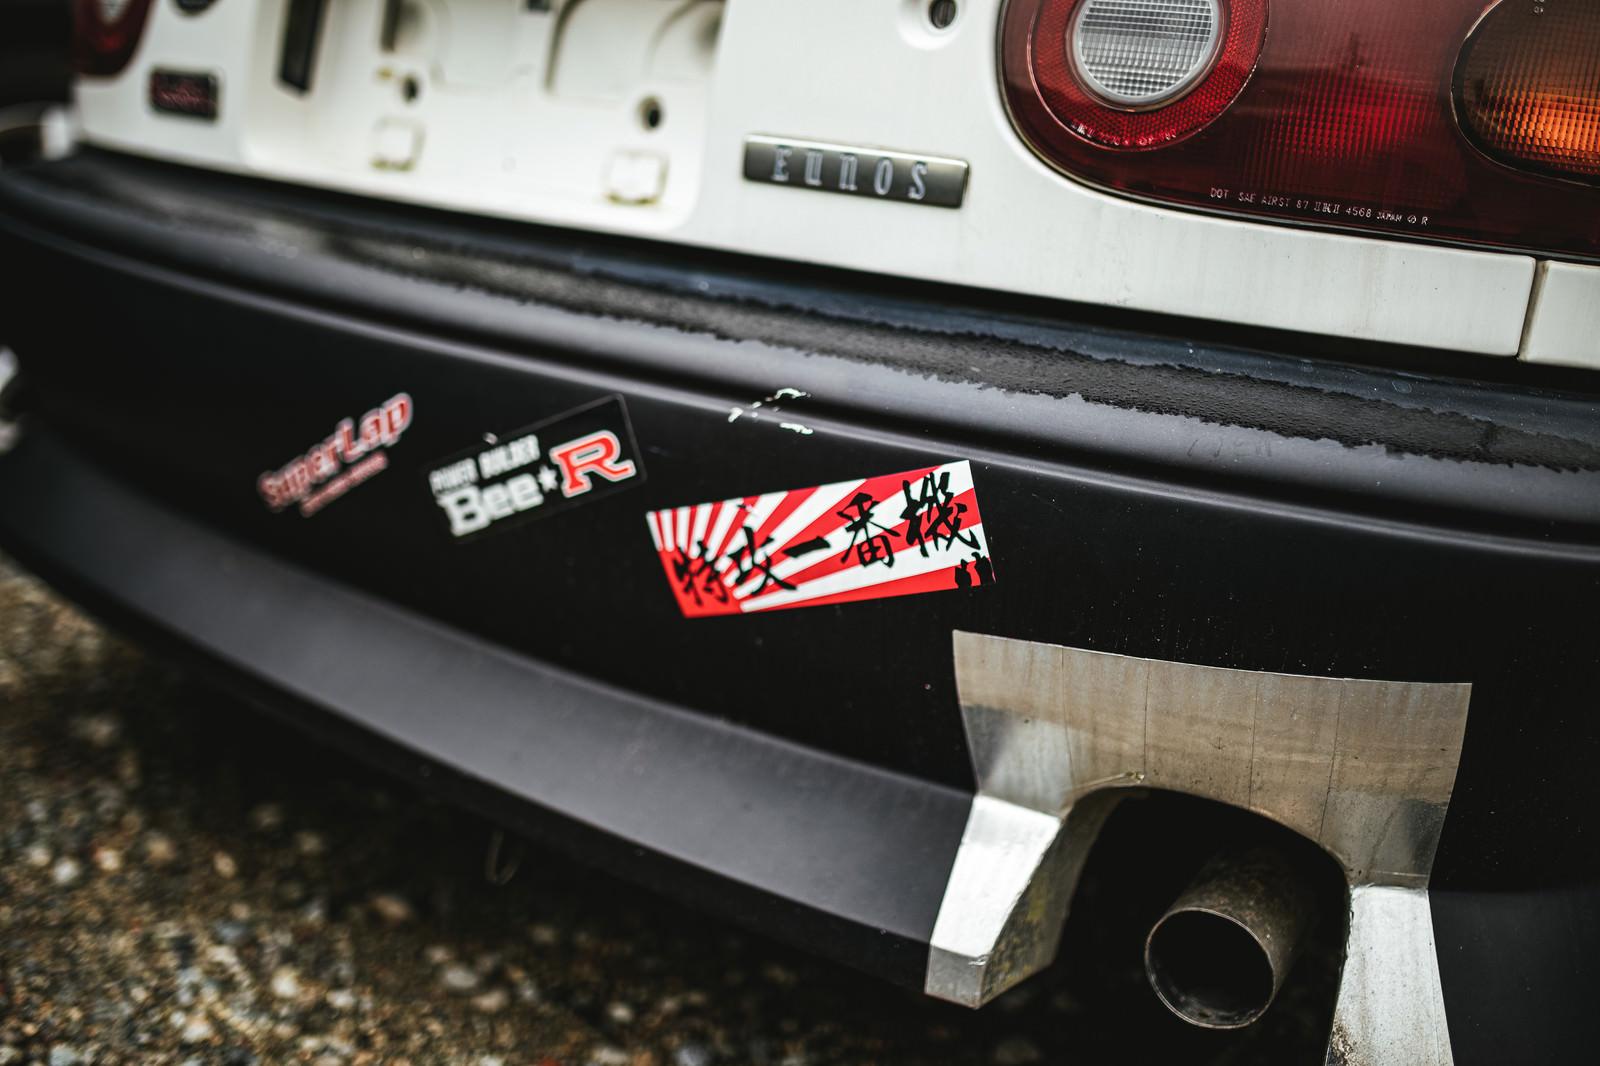 「リアダンパーに特攻ステッカーが貼られた事故車」の写真